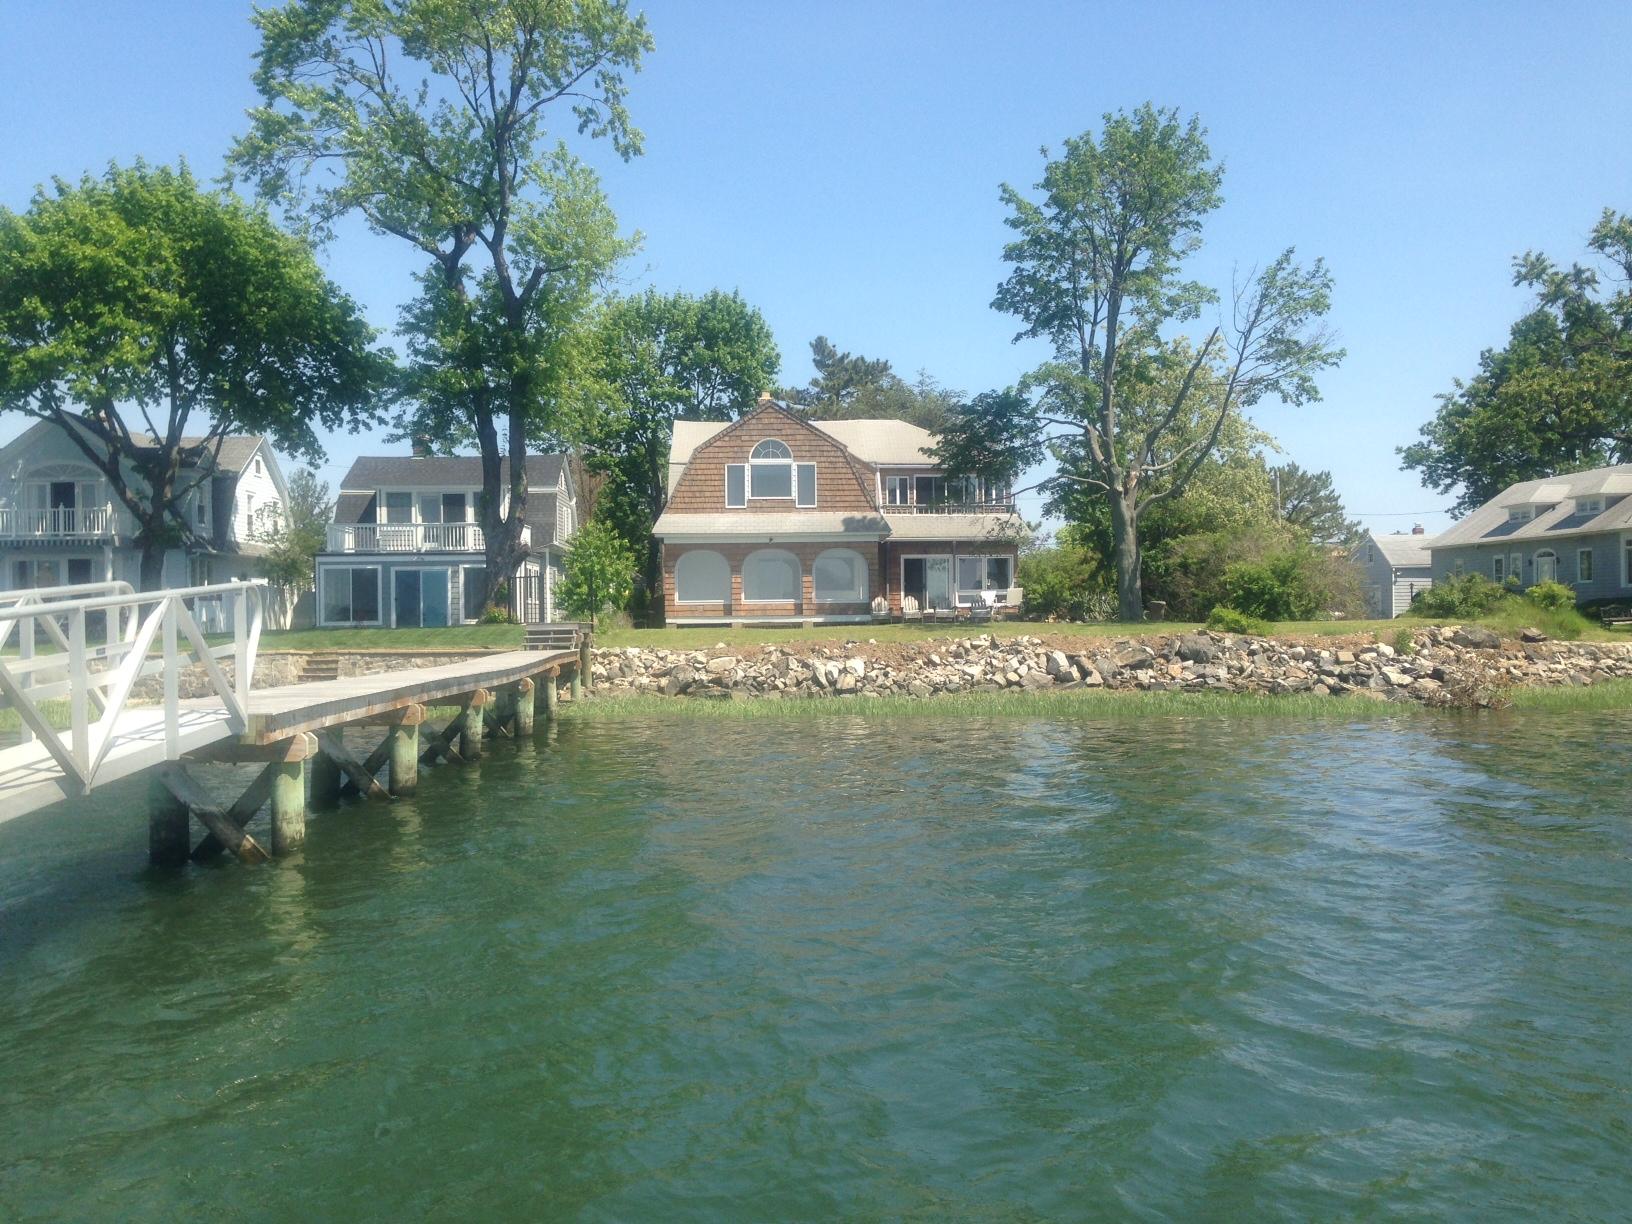 独户住宅 为 销售 在 9 Gregory Court Norwalk, 康涅狄格州 06855 美国